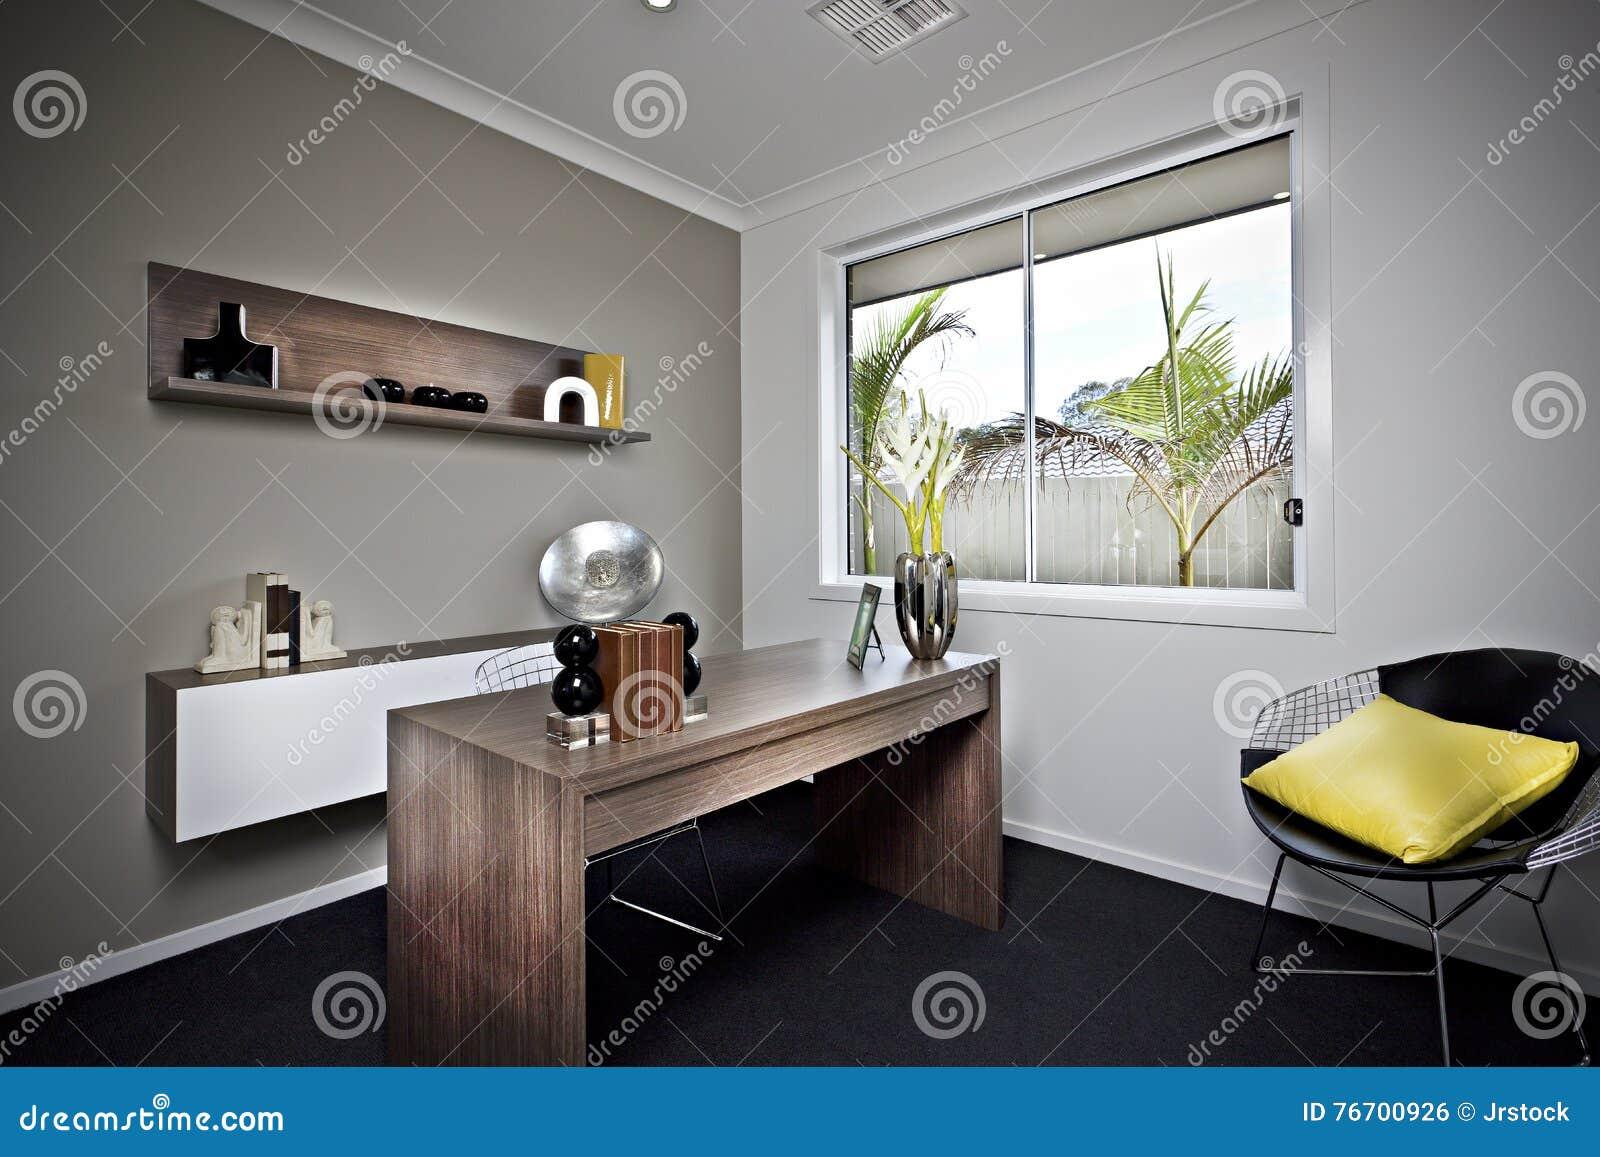 Modernes arbeitszimmer  Modernes Arbeitszimmer Mit Holztisch- Und Fantasieeinzelteilen ...